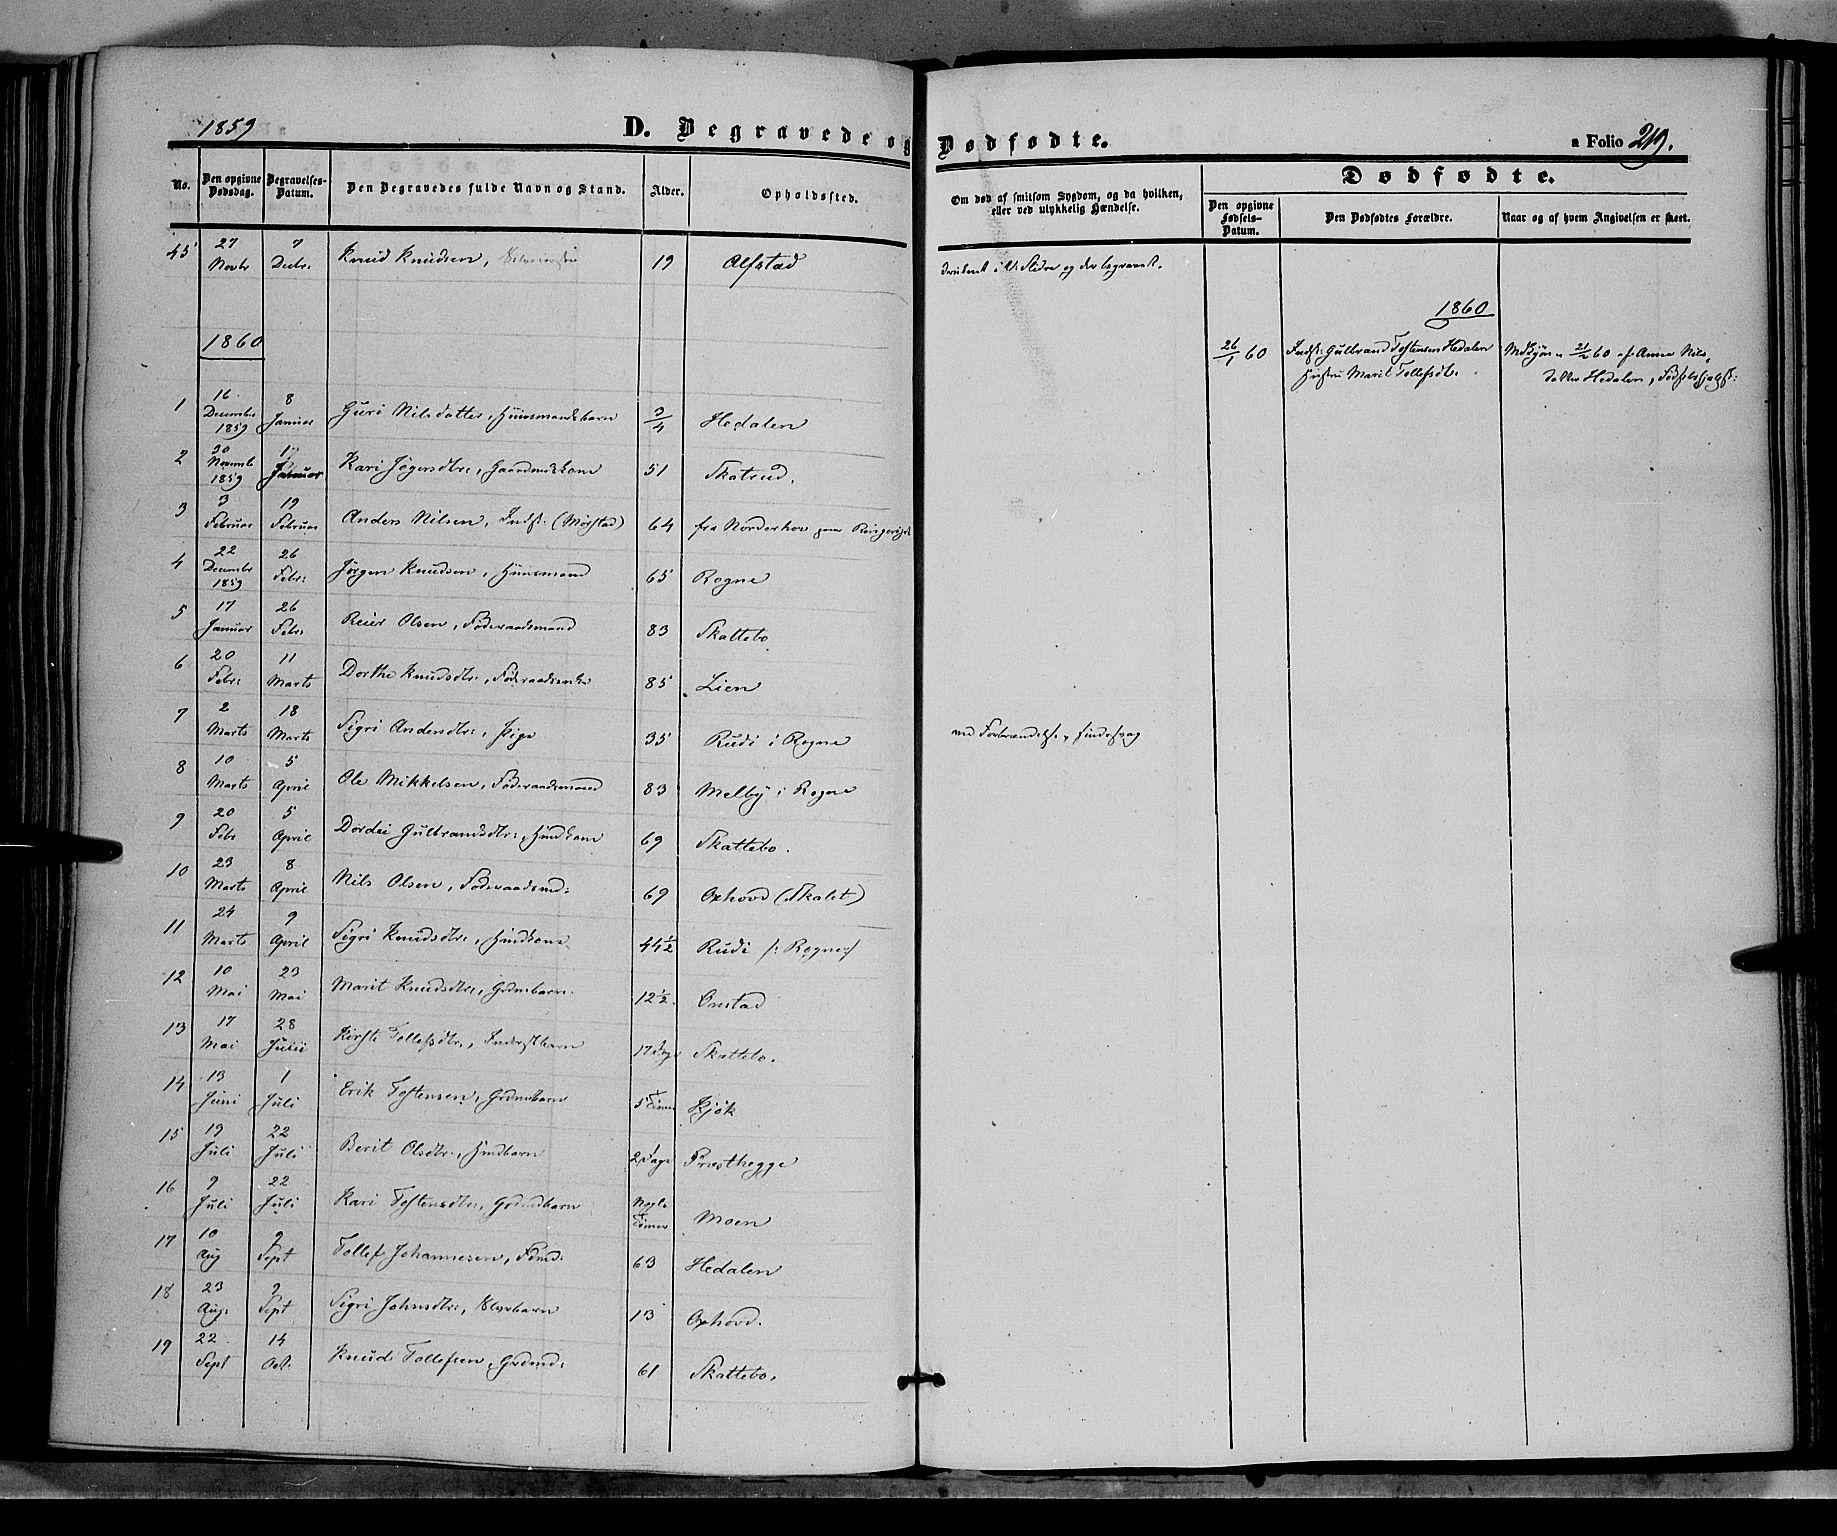 SAH, Øystre Slidre prestekontor, Ministerialbok nr. 1, 1849-1874, s. 219